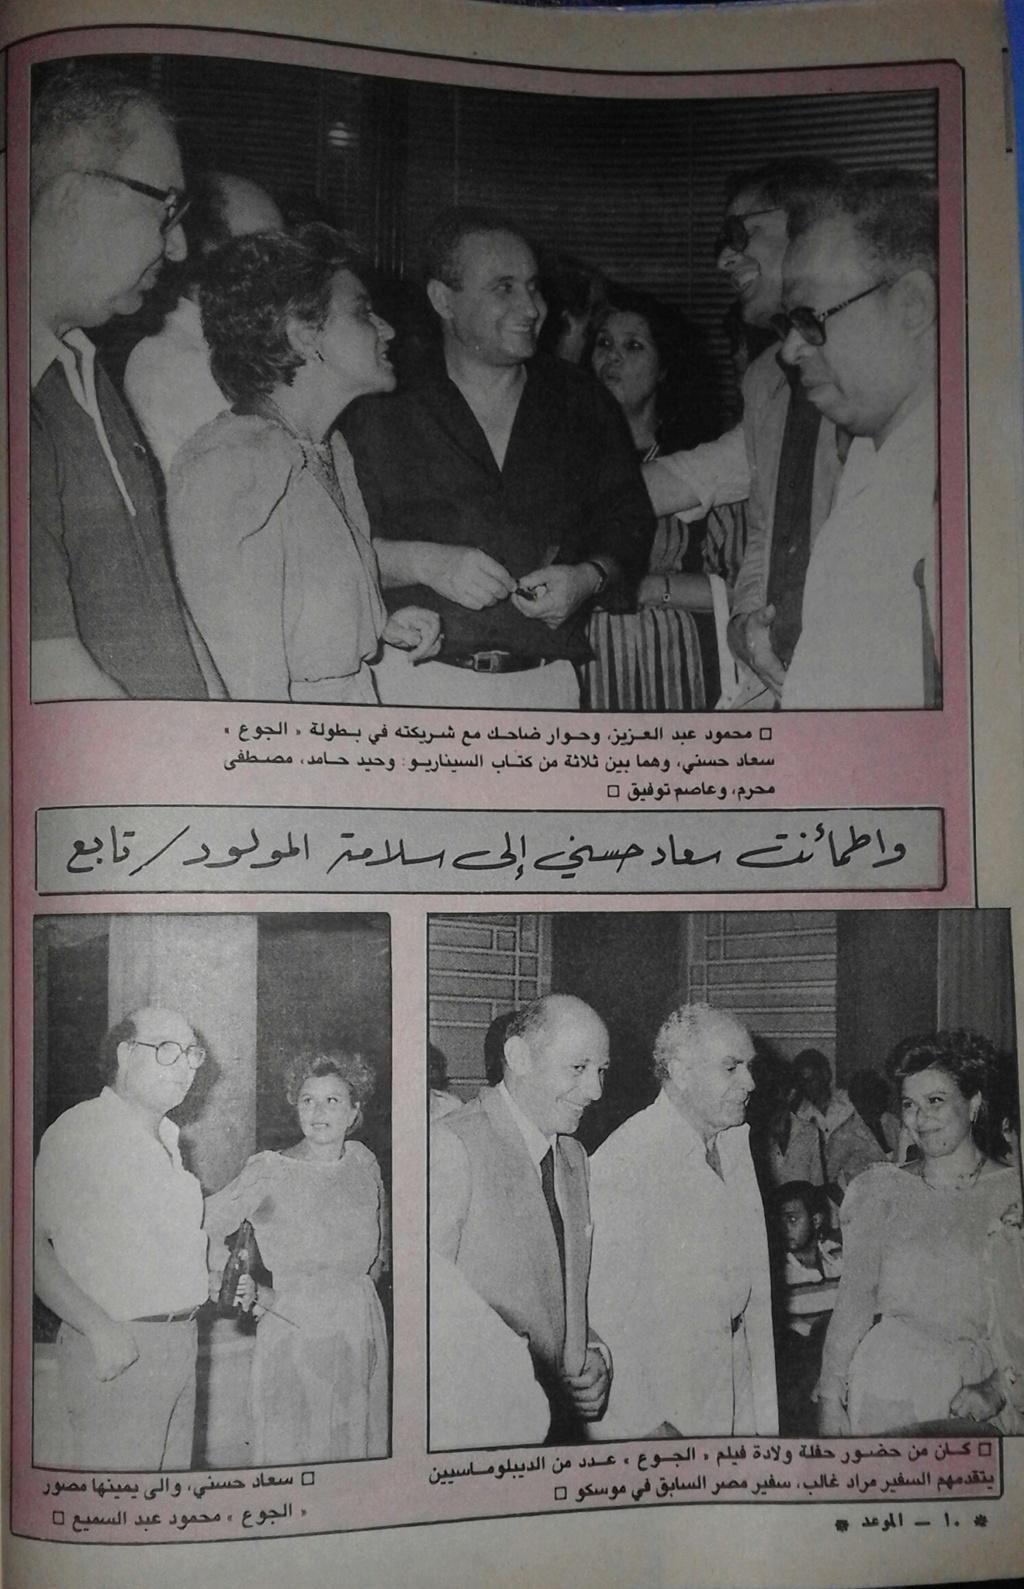 صحفي - مقال صحفي : .. واطمأنت سعاد حسني إلى سلامة المولود ! 1986 م 321